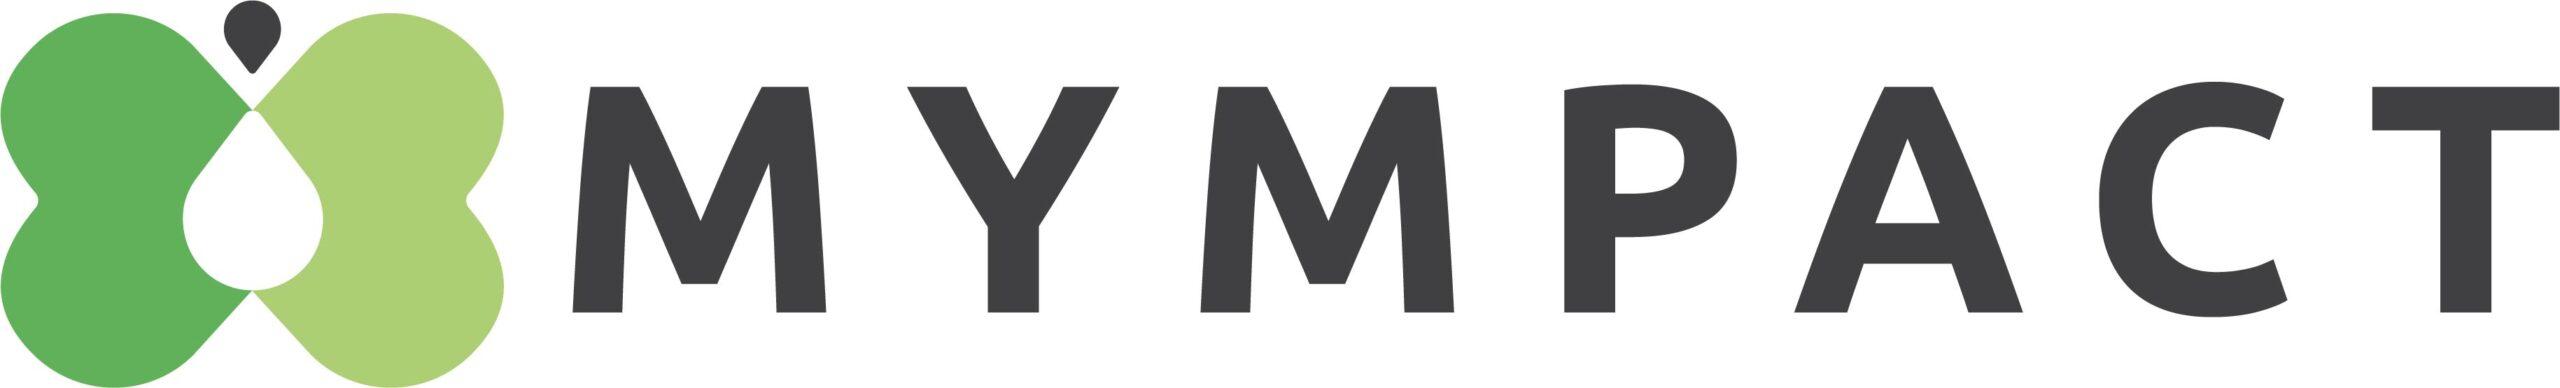 MYMPACT-01